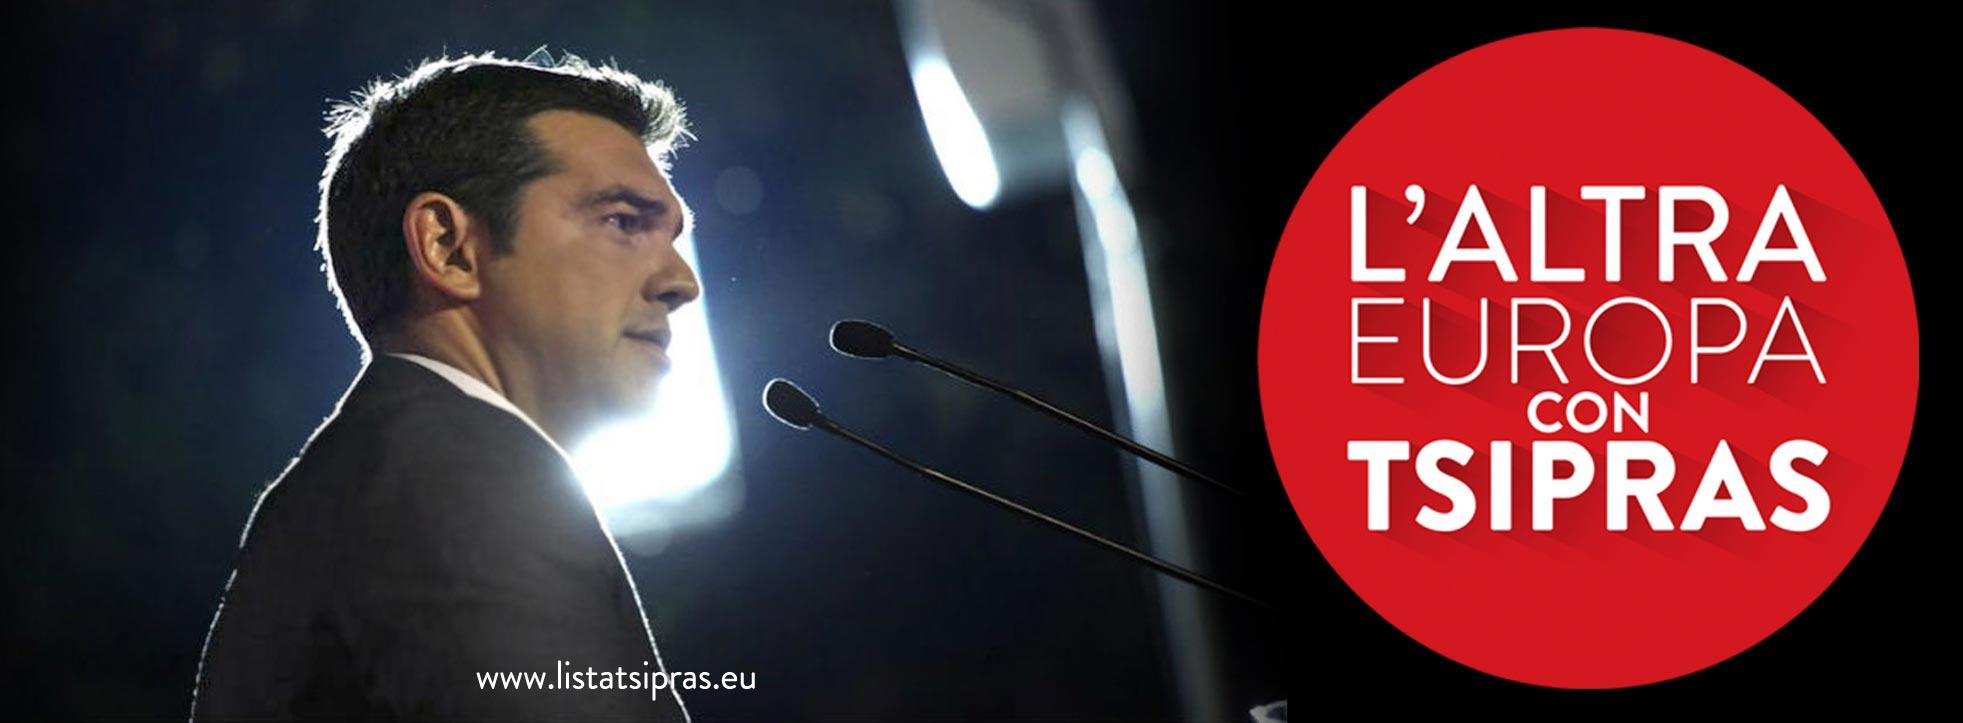 altraeuropa- Tsipras